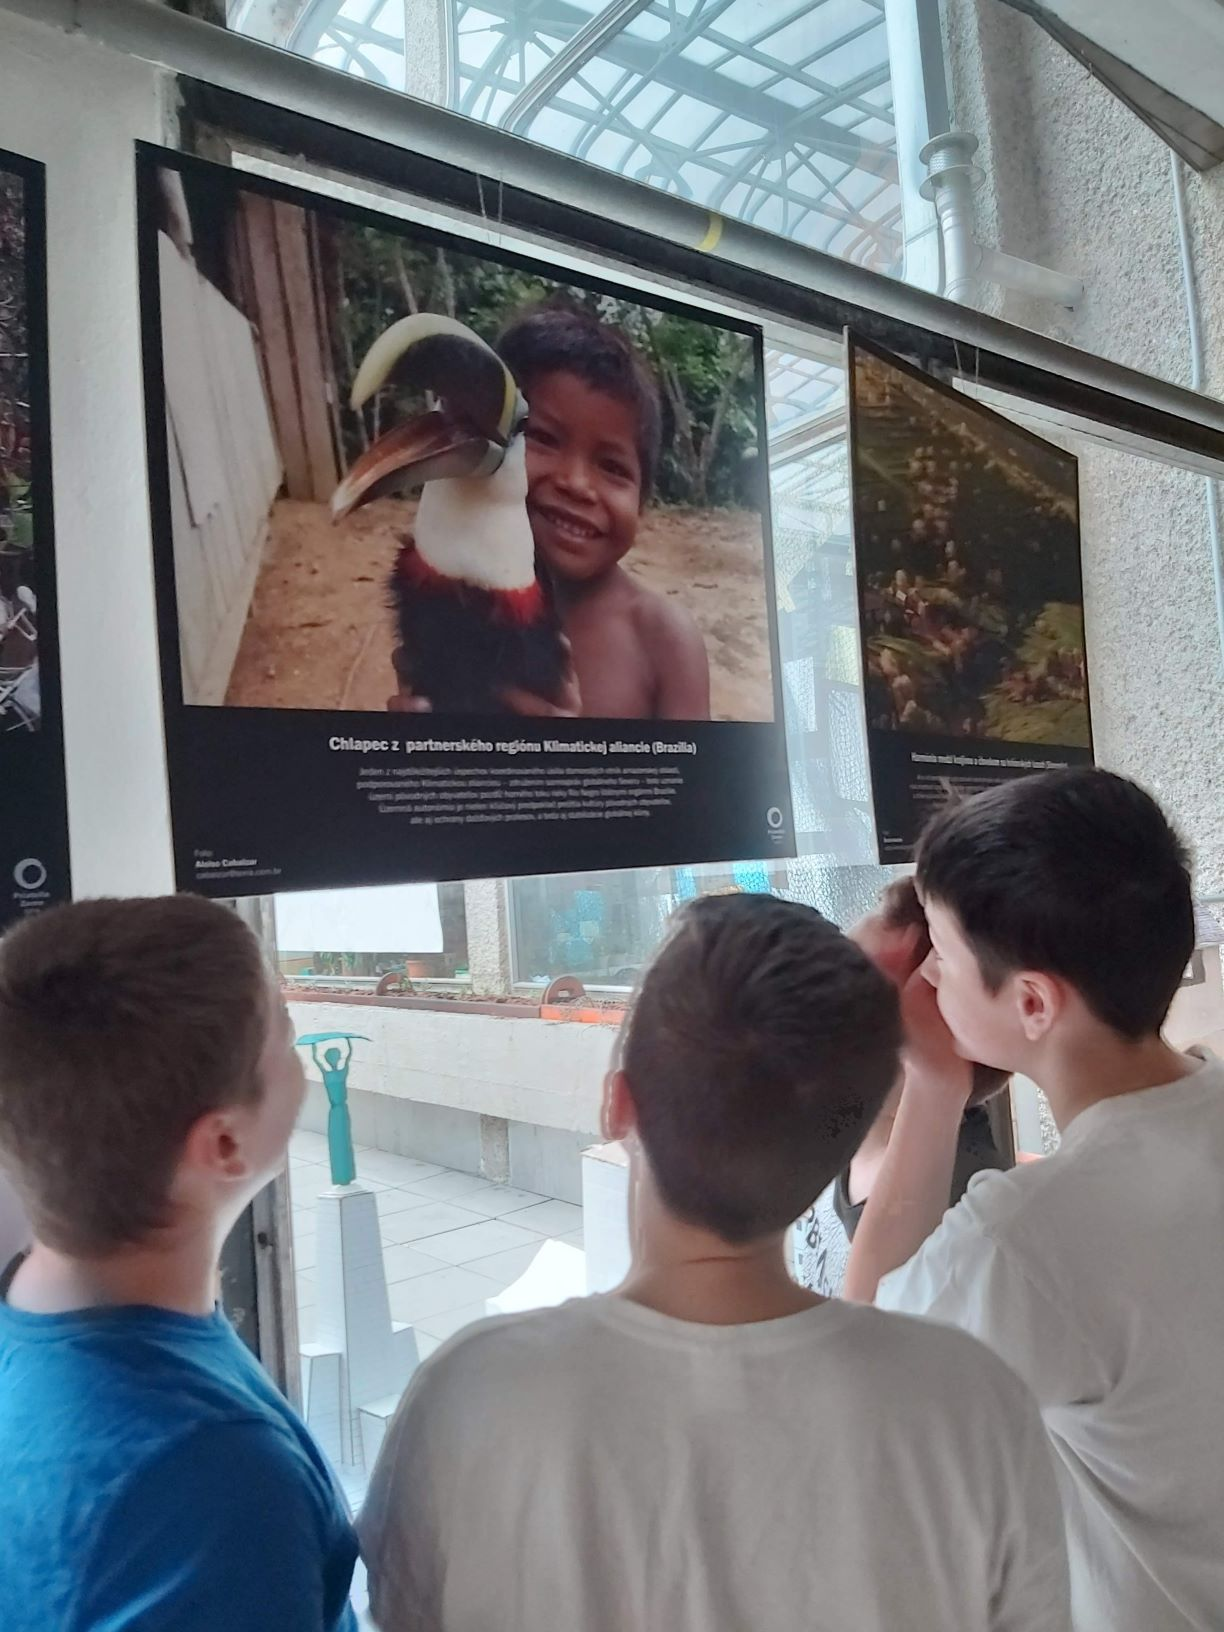 Schüler sehen sich Fotos an